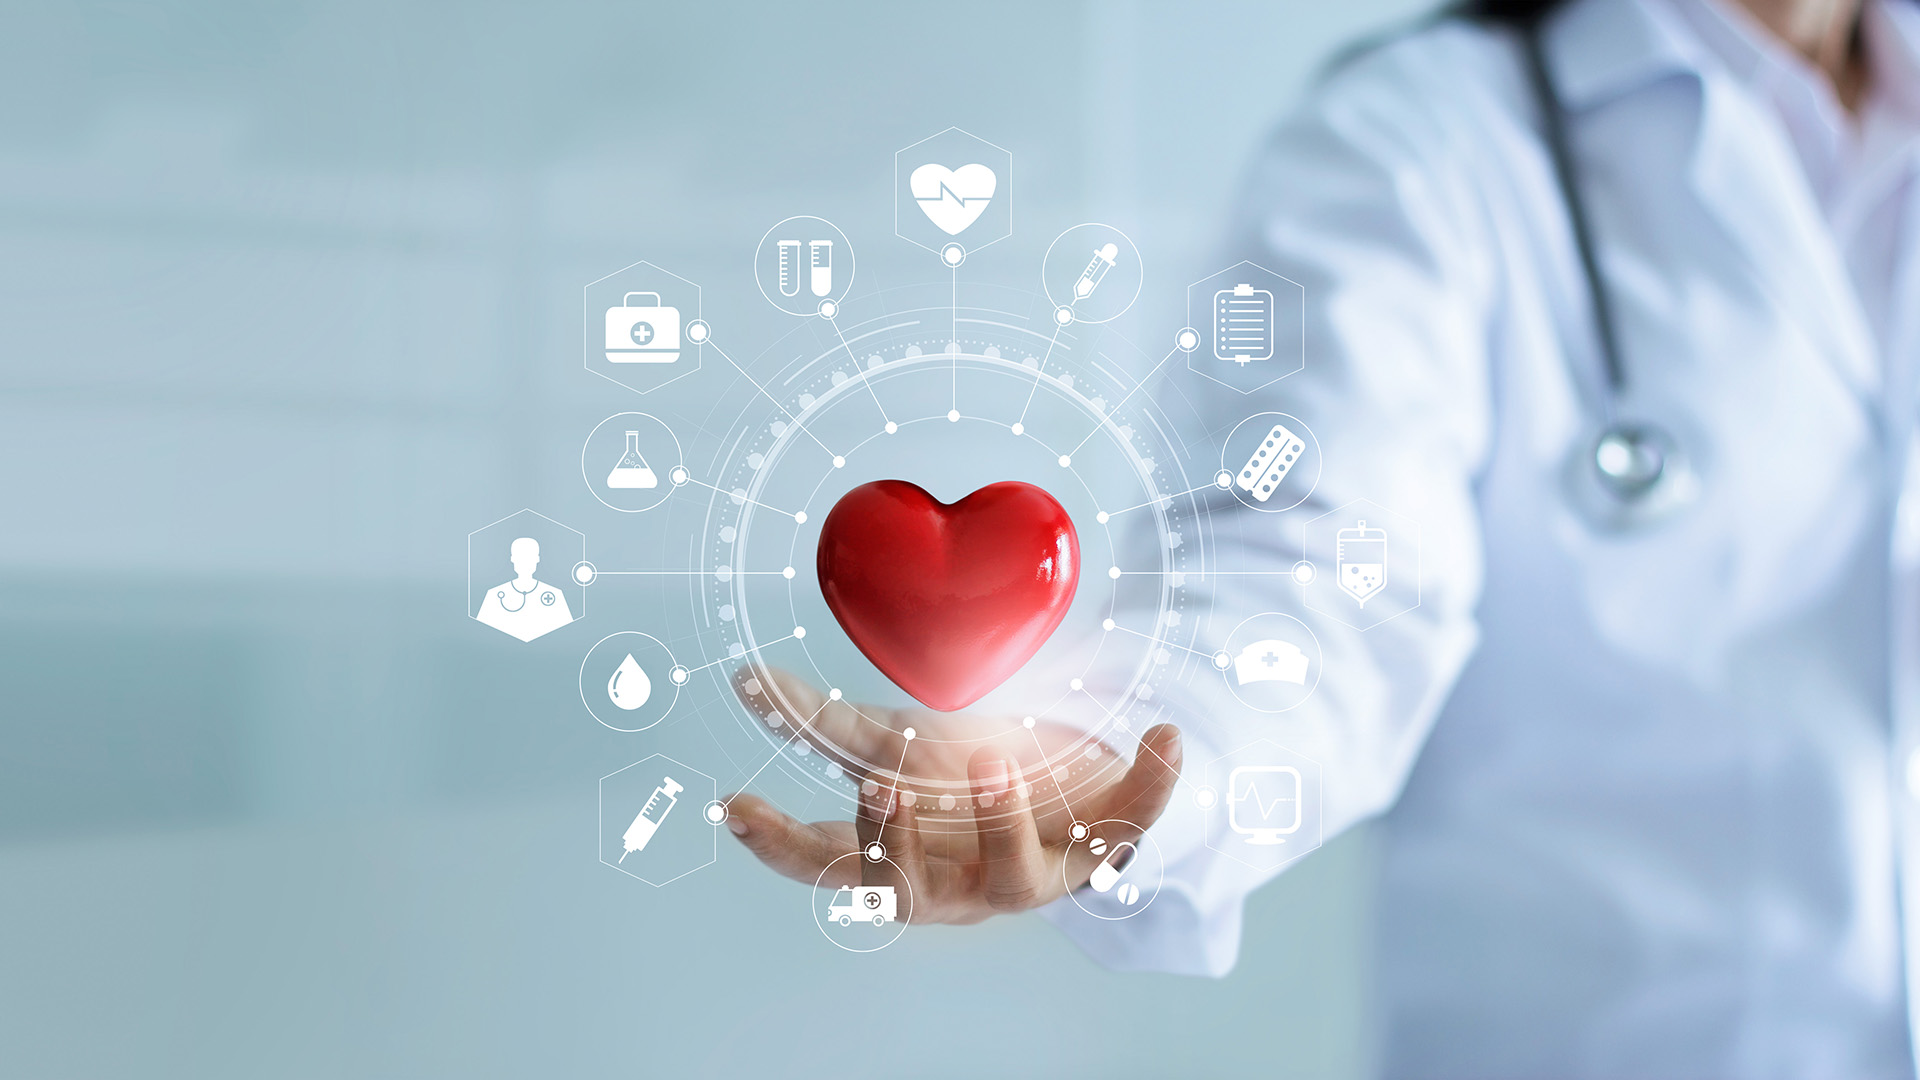 Argentina participó de los más importantes estudios académicos sobre avances cardiovasculares, liderados por el cardiólogo argentino Rafael Díaz desde Rosario. Esta evidencia generó cambios positivos en la sociedad. Todavía falta más por hacer. (Getty)